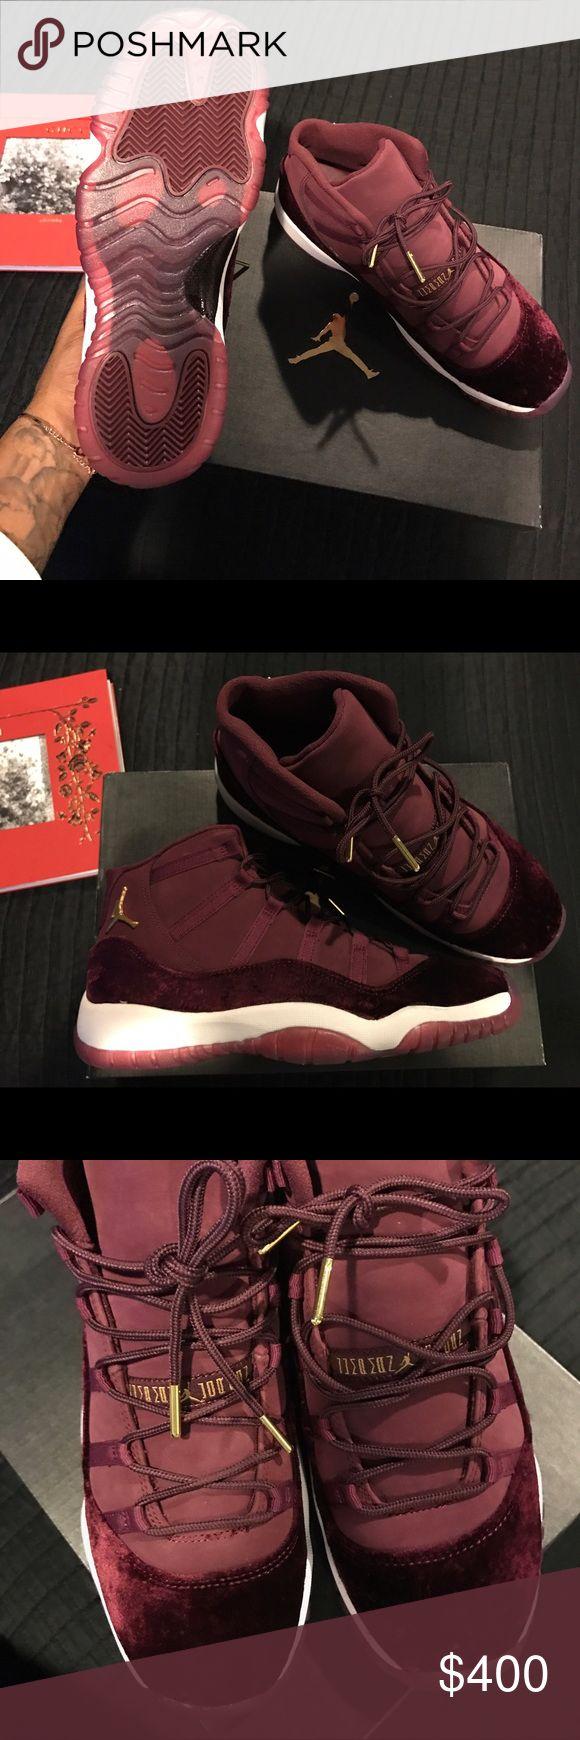 100% AUTHENTIC Jordan Red Velvet 11s Brand new from foot locker Jordan Shoes Sneakers